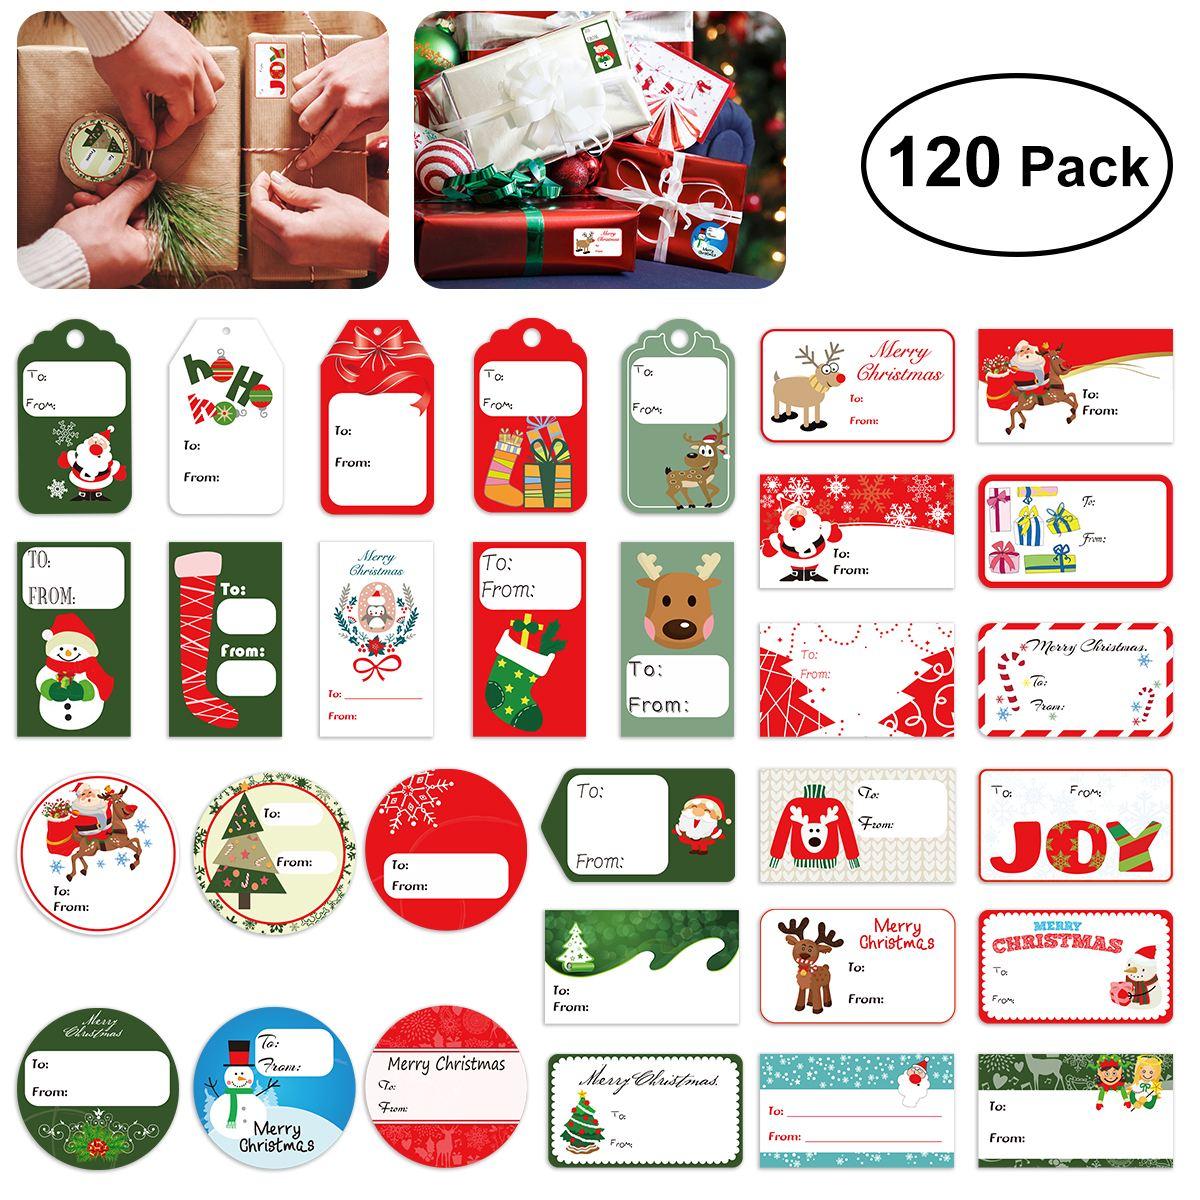 4bd3edf7f 120 x Tinksky regalo etiqueta pegatinas Navidad autoadhesivo regalo  etiqueta pegatinas surtido diseños vacaciones regalo etiquetas